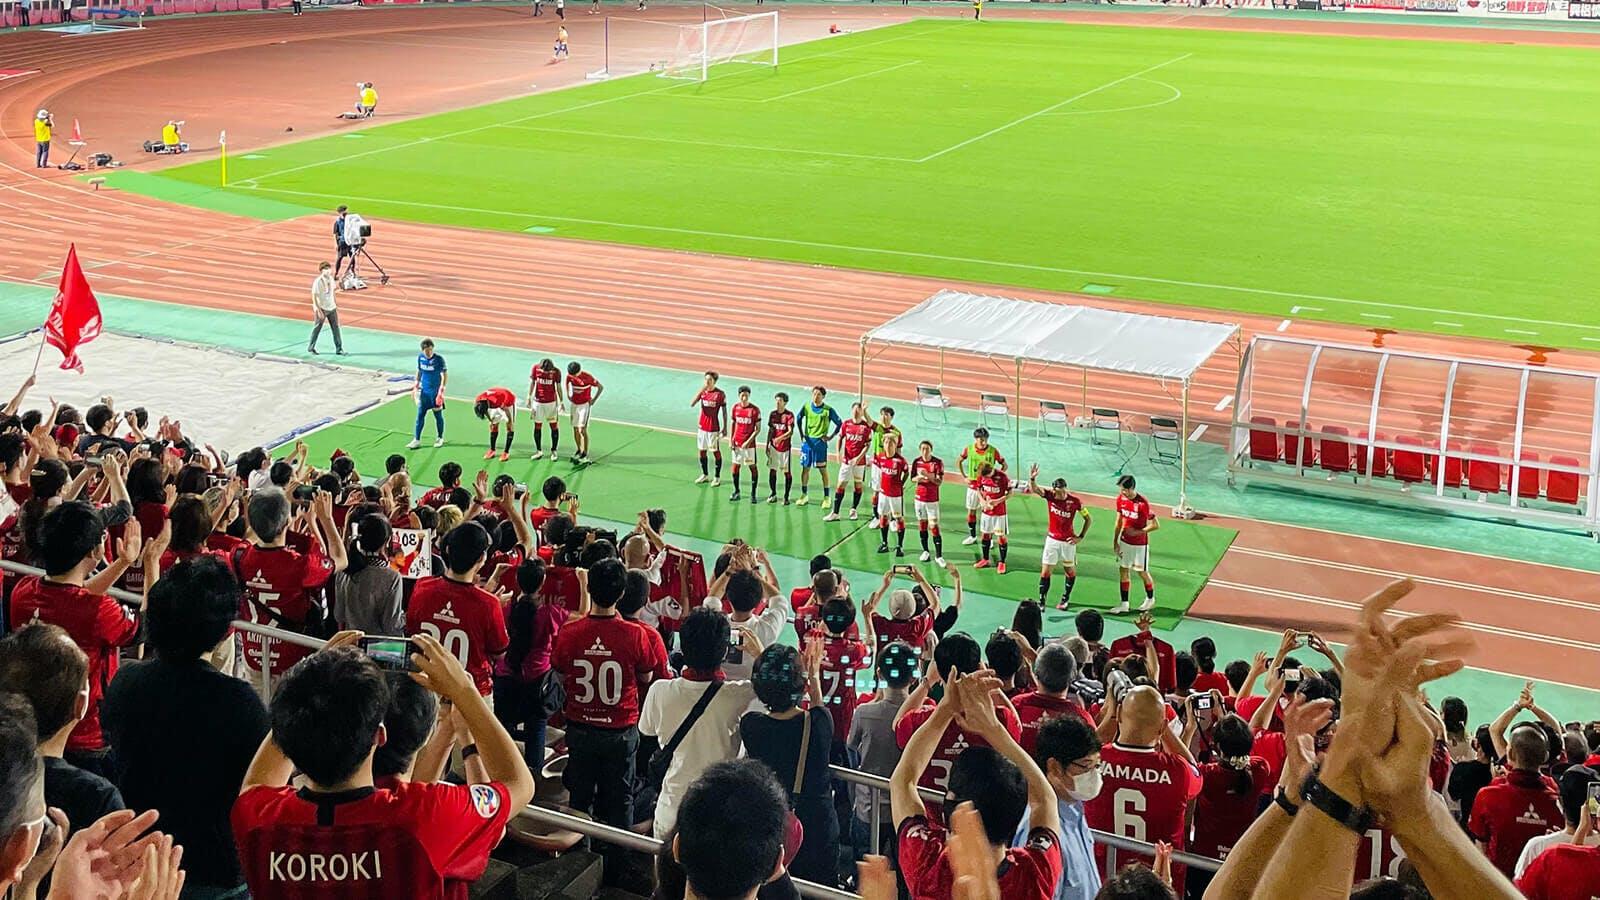 天皇杯 JFA 第101回全日本サッカー選手権大会 3回戦 浦和駒場スタジアム SC相模原戦 試合終了後の様子